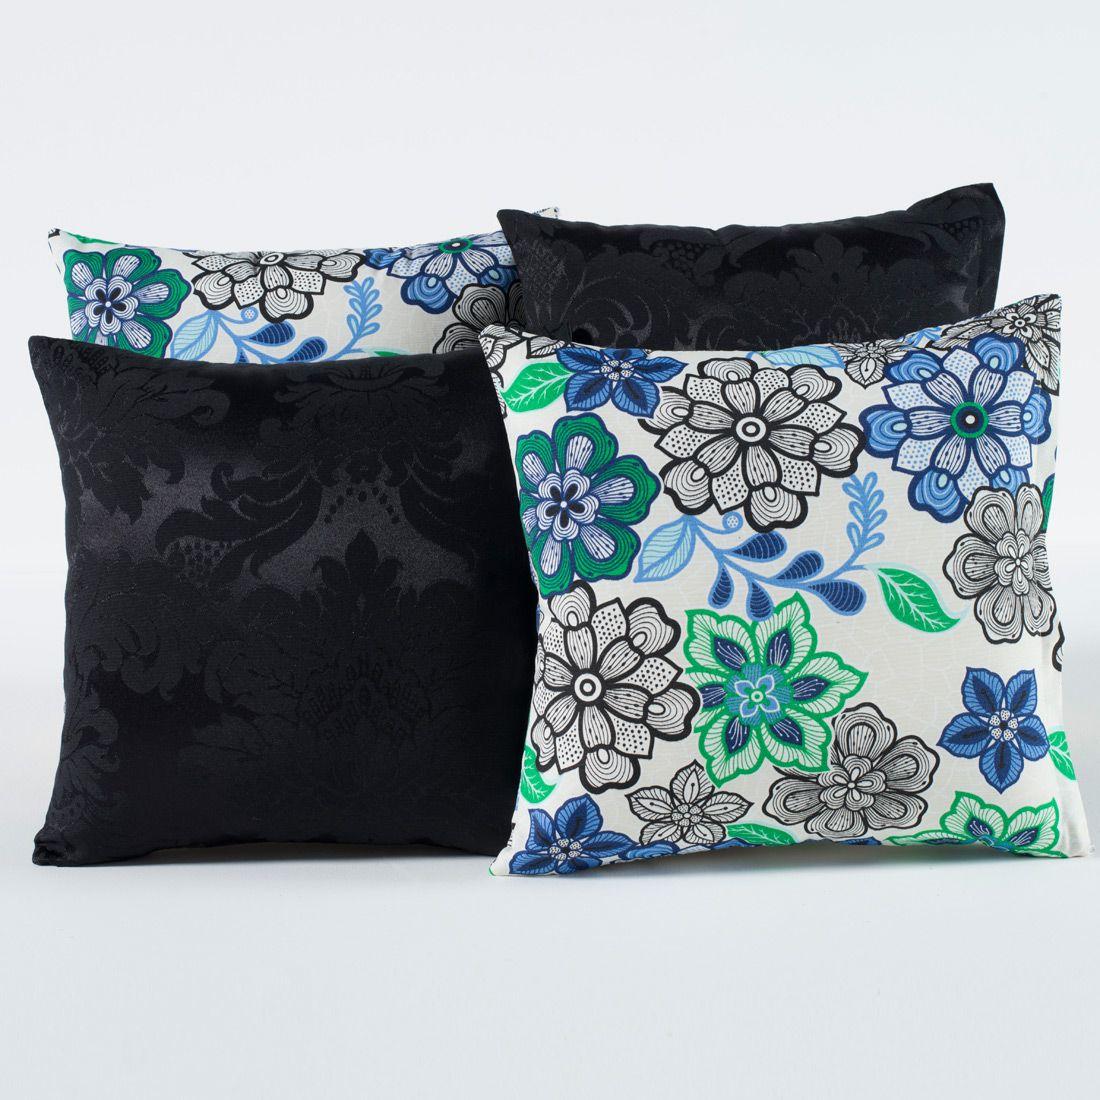 Kit c/ 4 Almofadas Cheias Decorativas Preto/Azul Floral 04 Peças c/ Refil